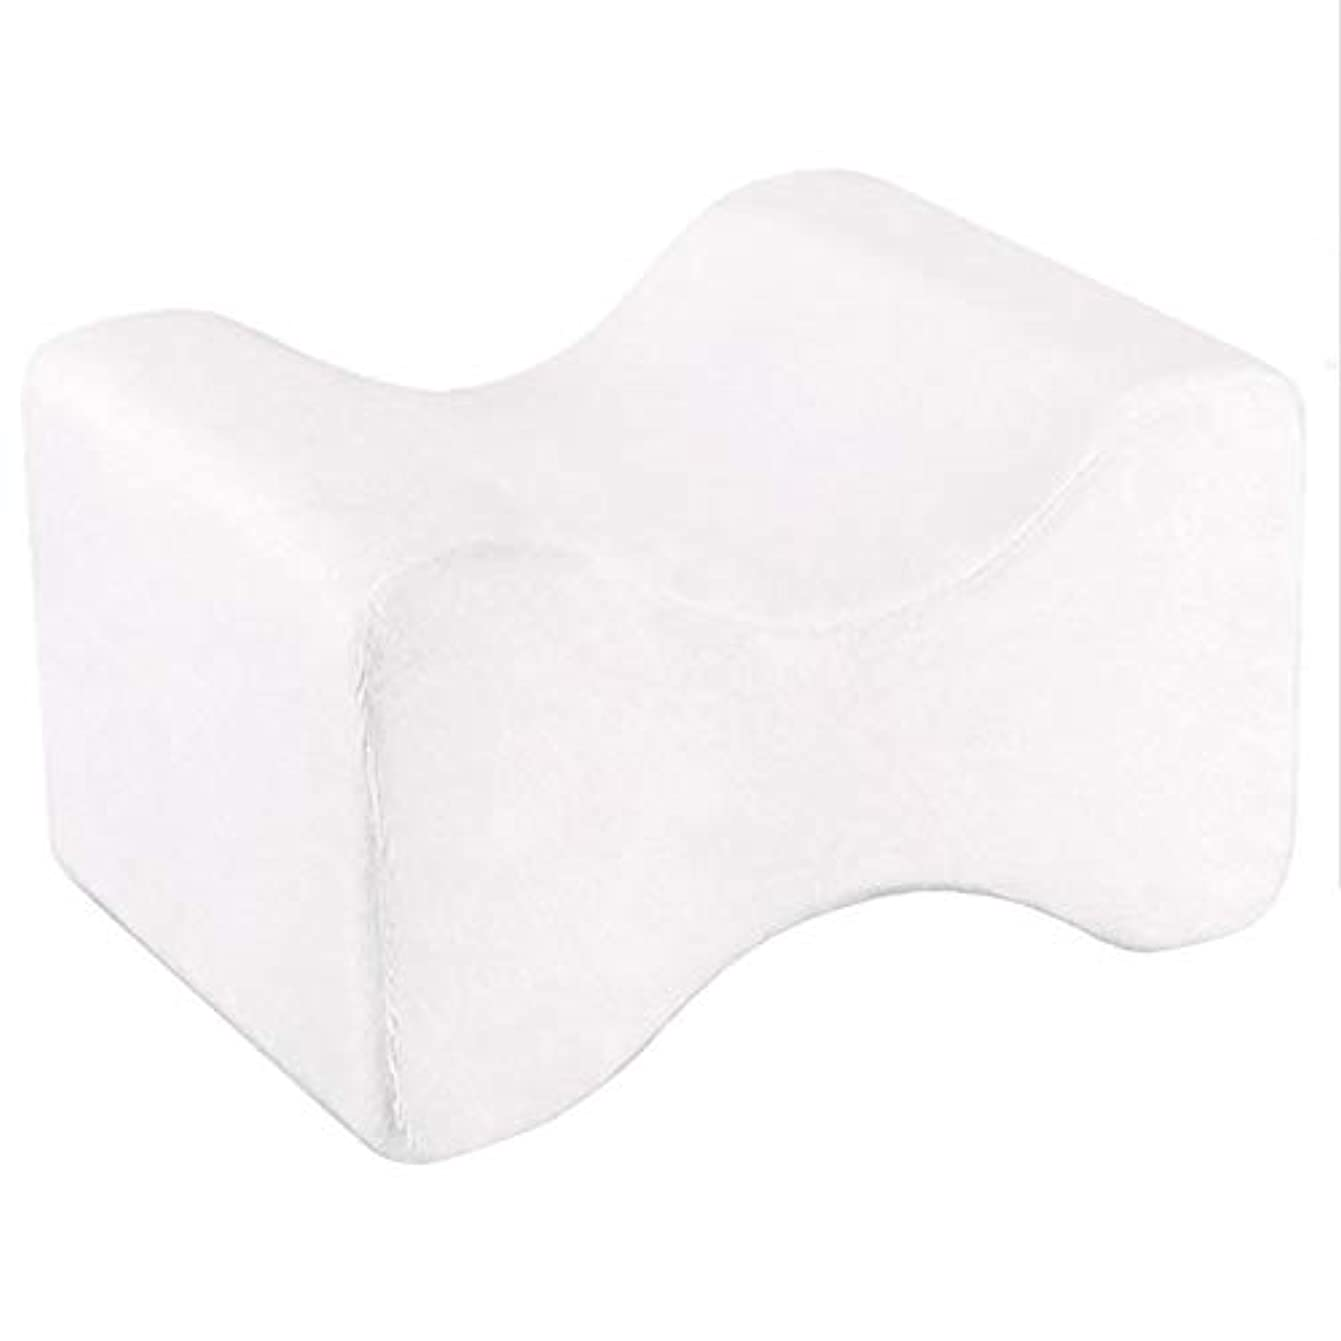 閃光天の興奮ソフト枕膝枕クリップ足低反発ウェッジ遅いリバウンドメモリコットンクランプマッサージ枕男性女性 - ホワイト